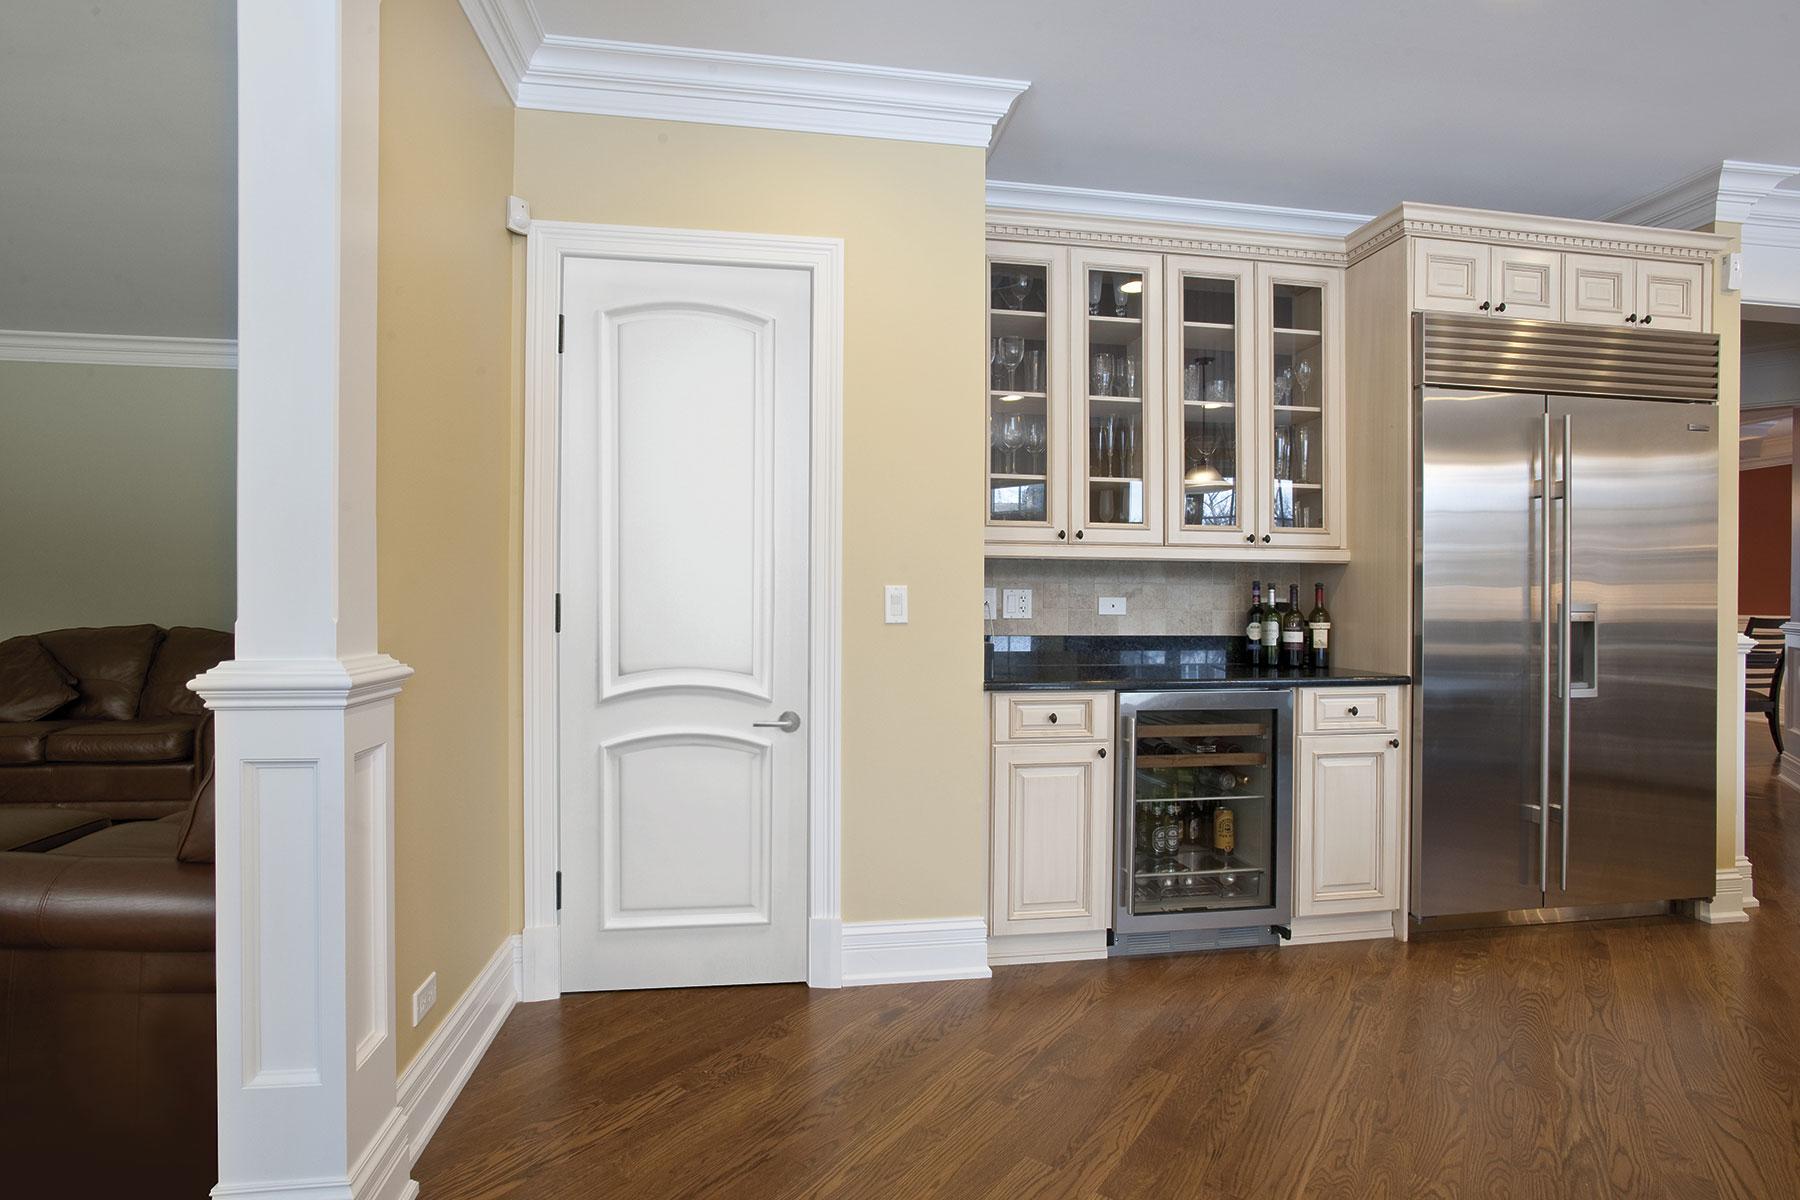 Custom Wood Interior Doors | MDF Kitchen Door Paint Grade Custom Interior MDF Doors   - Glenview Doors - Custom Doors in Chicago